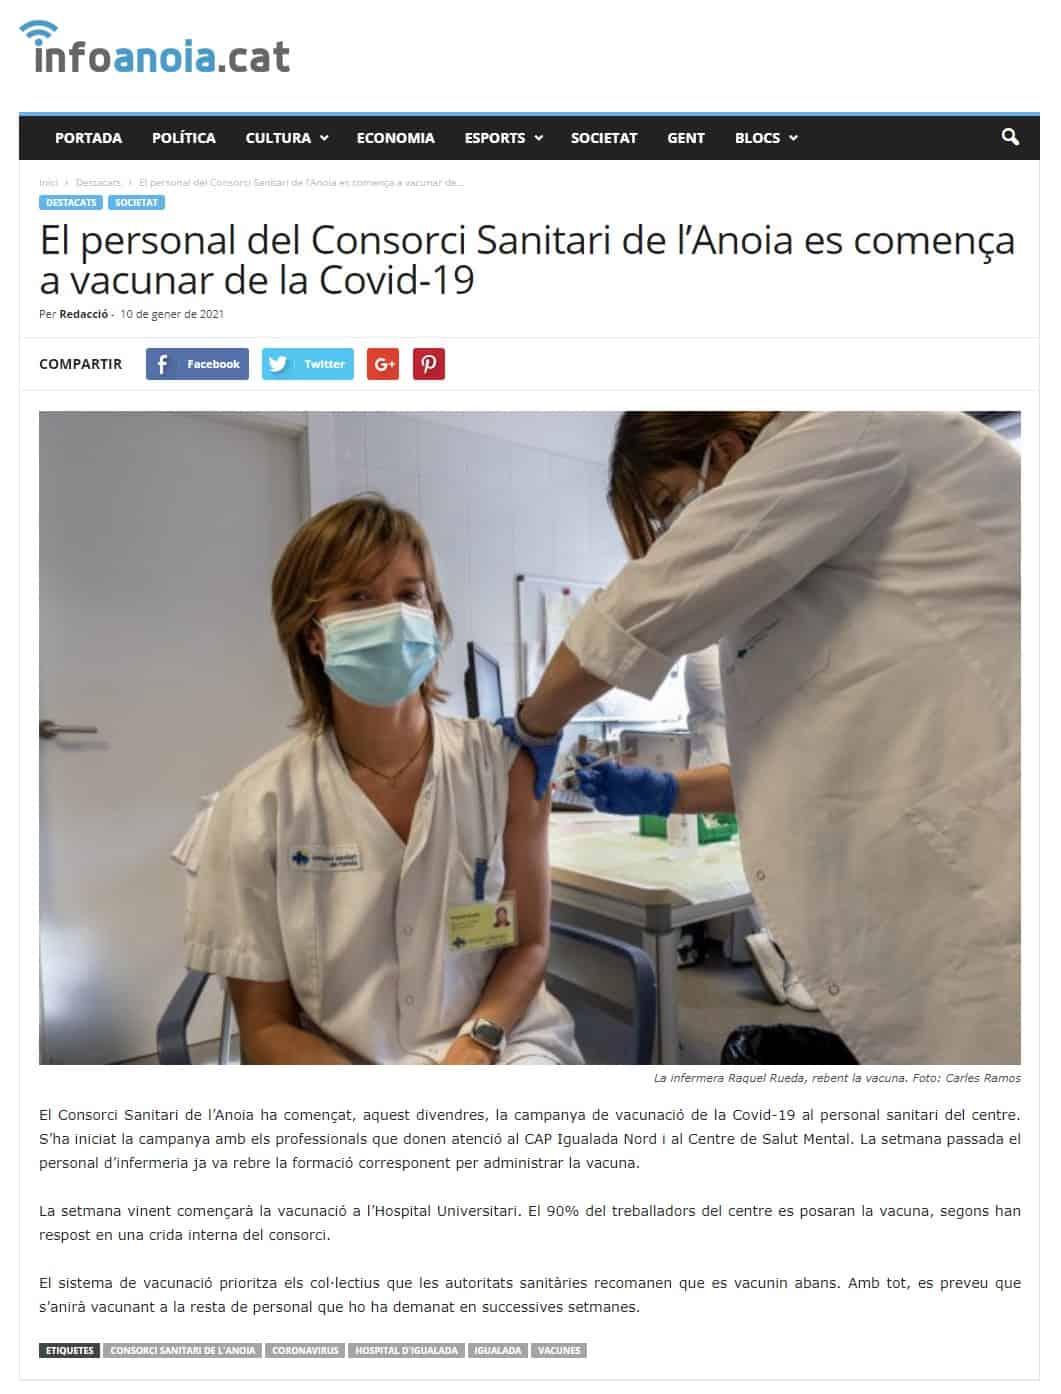 210110 - Infoanoia - El personal del Consorci Sanitari de l'Anoia es comença a vacunar de la Covid-19